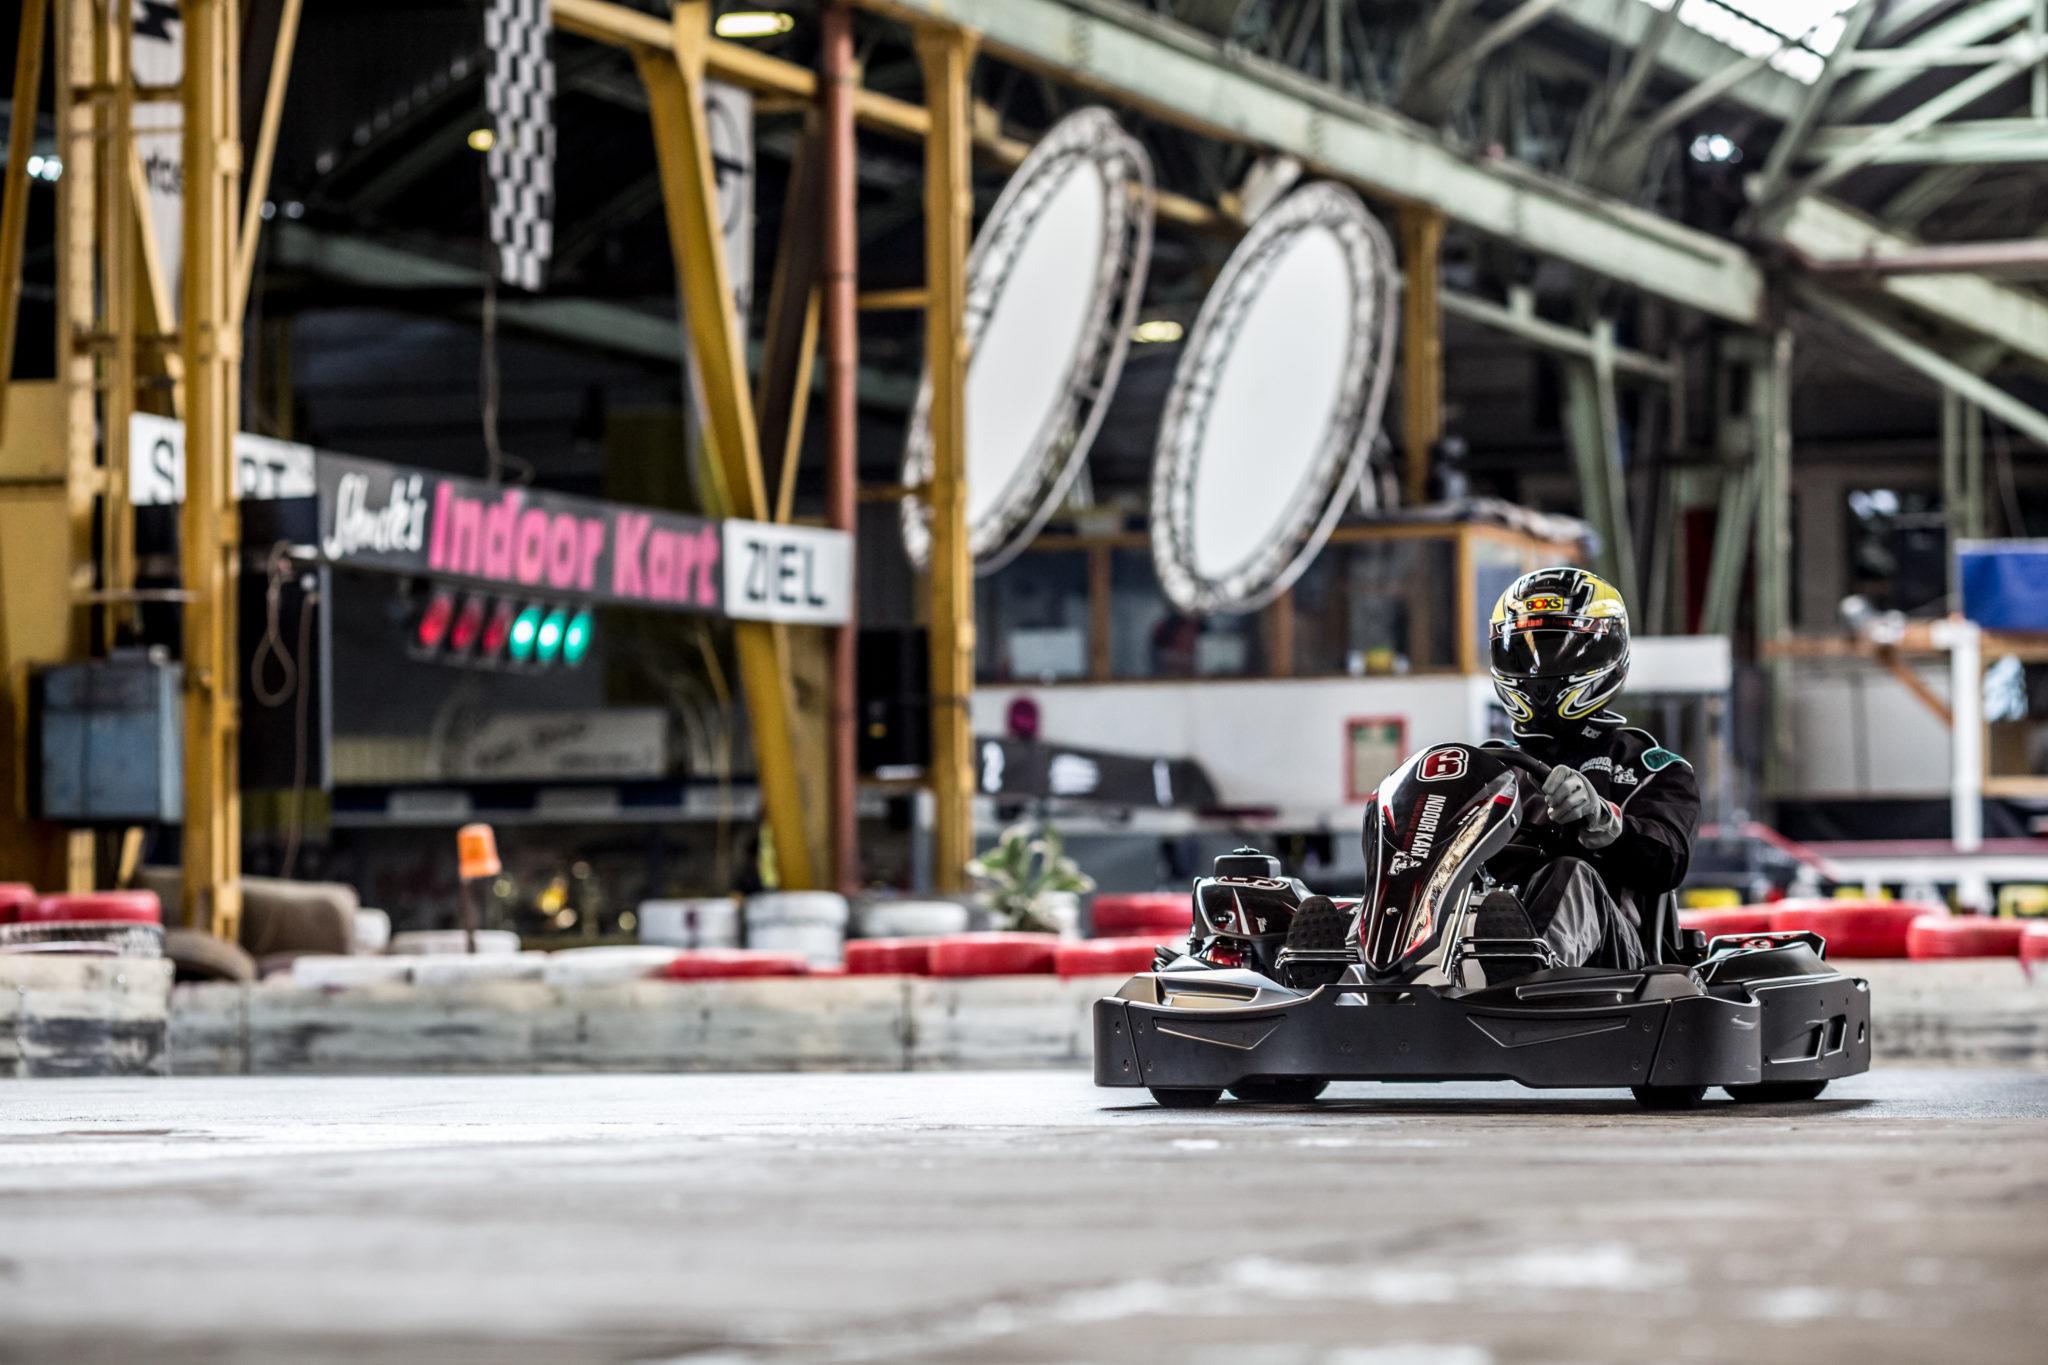 zu sehen ist ein Rennfahrer auf einem Kart der Kartbahn Bous